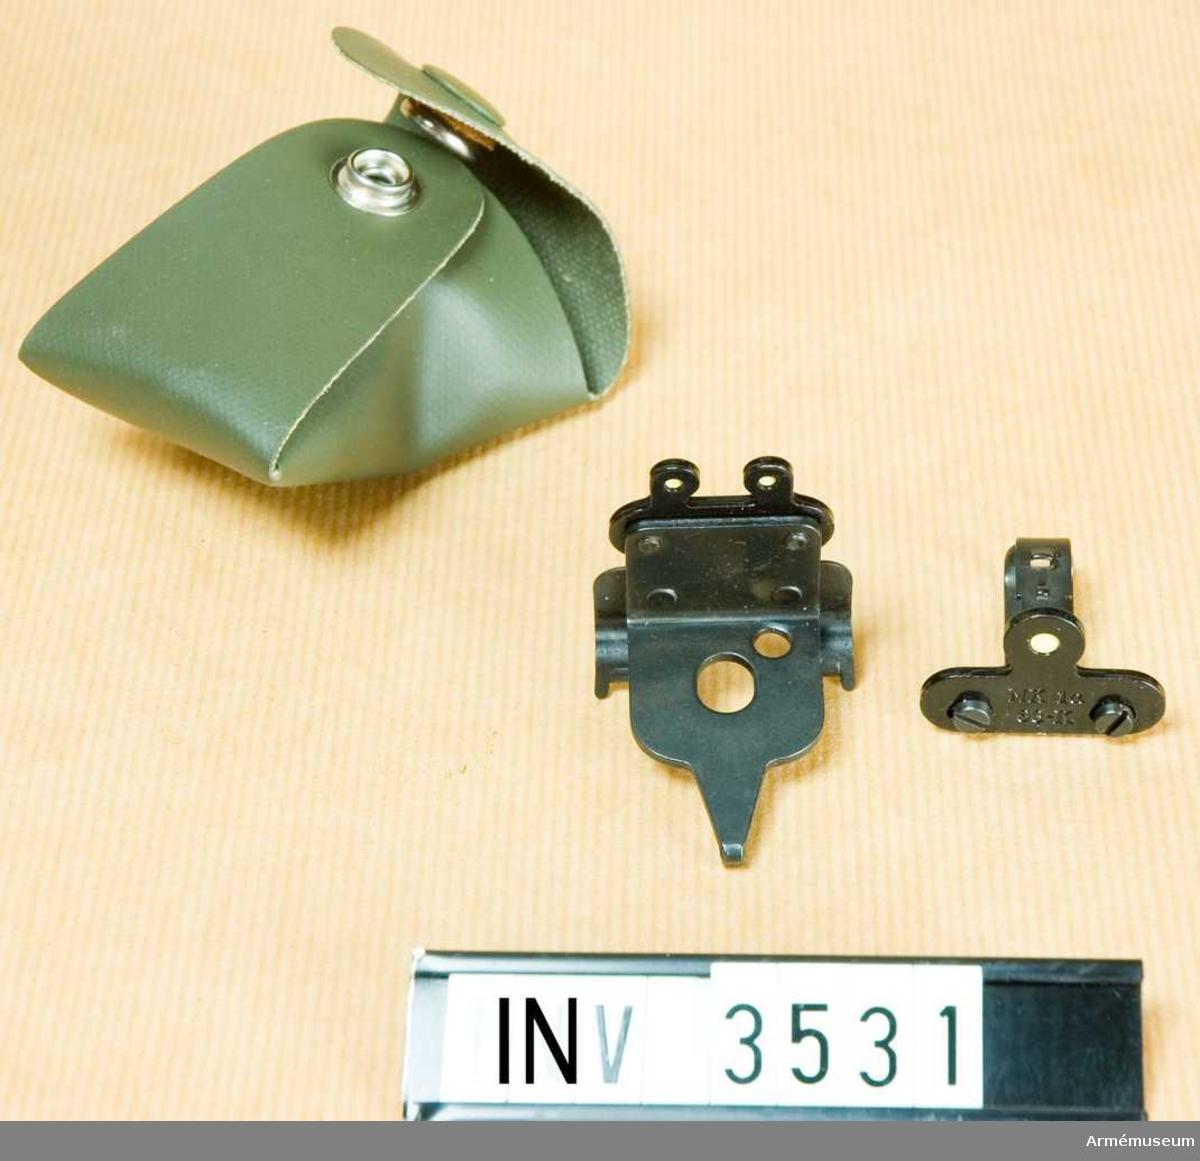 Riktmedel, mörker- t kulsprutegevär m/1921-37.Består av: SIKTE av siktplåt och hållare. På siktplåten, som även  tjänstgör som hållare, finns två lyspunkter. Vikt 30 gr. Märkt KG 21-37 63-F. KORN av kornplåt och hållare. Plåten är fästad i hållaren med två justerskruvar och kan ställas in i sidled. På plåten finns en lyspunkt.  Vikt 15 gr. Märkt MK 1a 63-K. FODRAL av galon. Vikt 25 gr. L: 80 mm, b: 70 mm. Märkt 21-37.Riktmedlen utgöres av sikte och korn som förvaras i fodral. De är större än vanliga riktmedel och är försedd med särskilda lyspunkter av radioaktiv lysfärg. Här igenom möjliggörs skjutning i skymning och mörker.